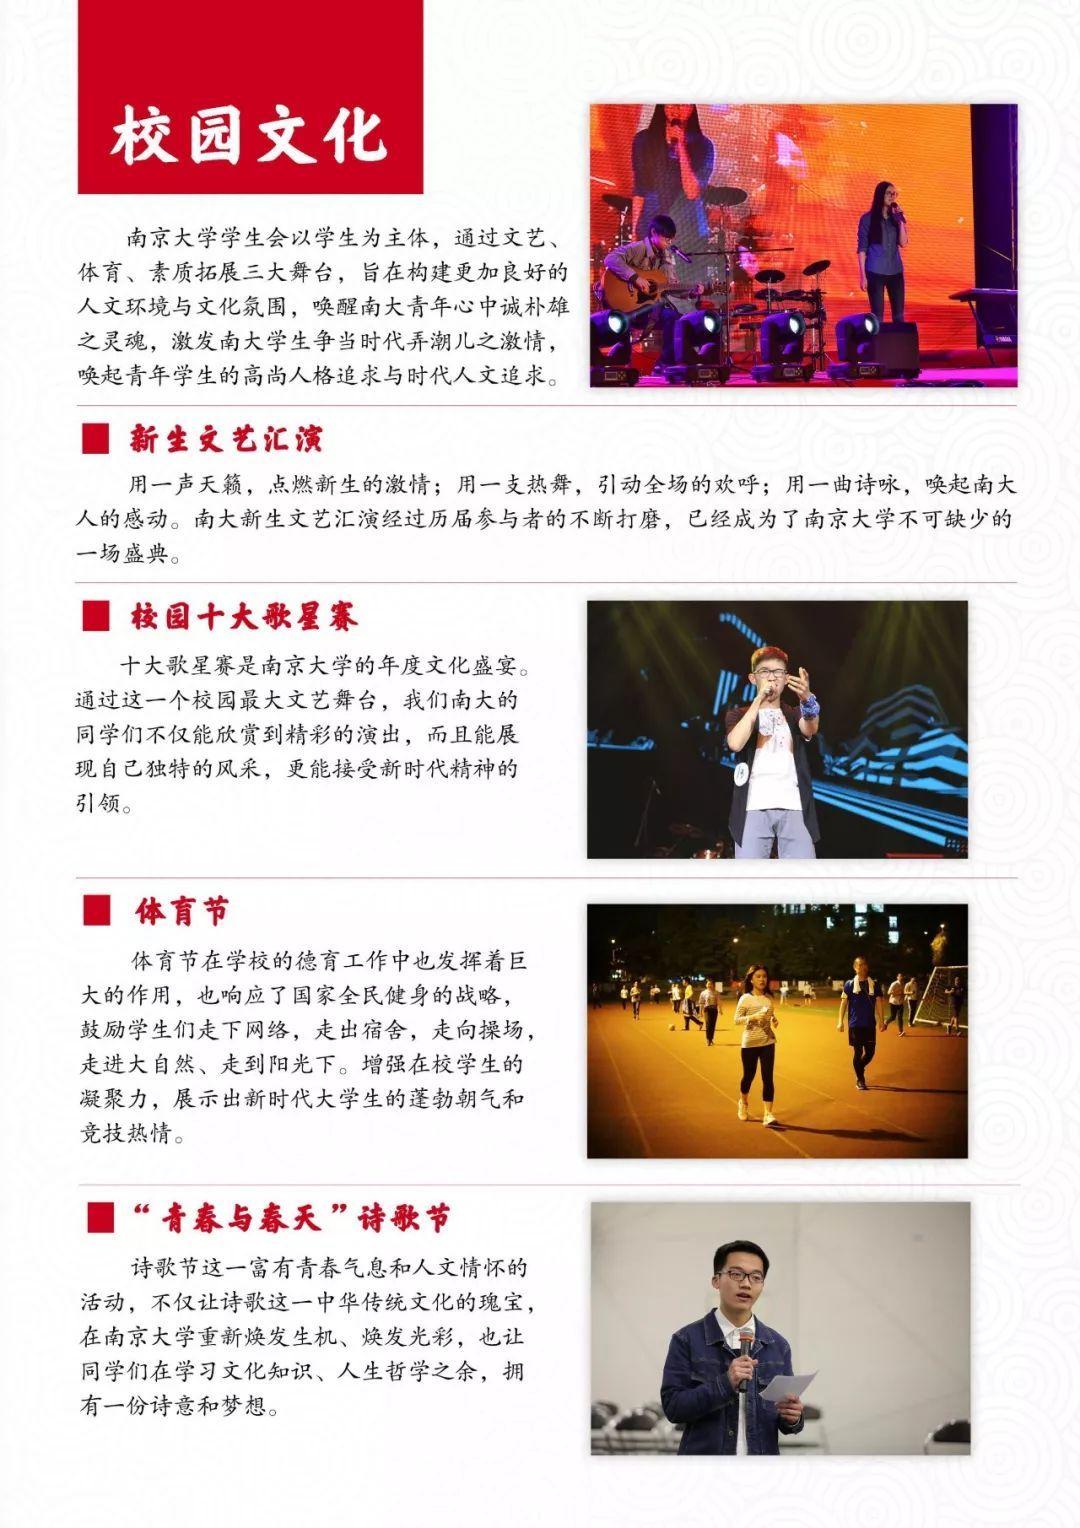 这三年 | 南京大学学生会风采展